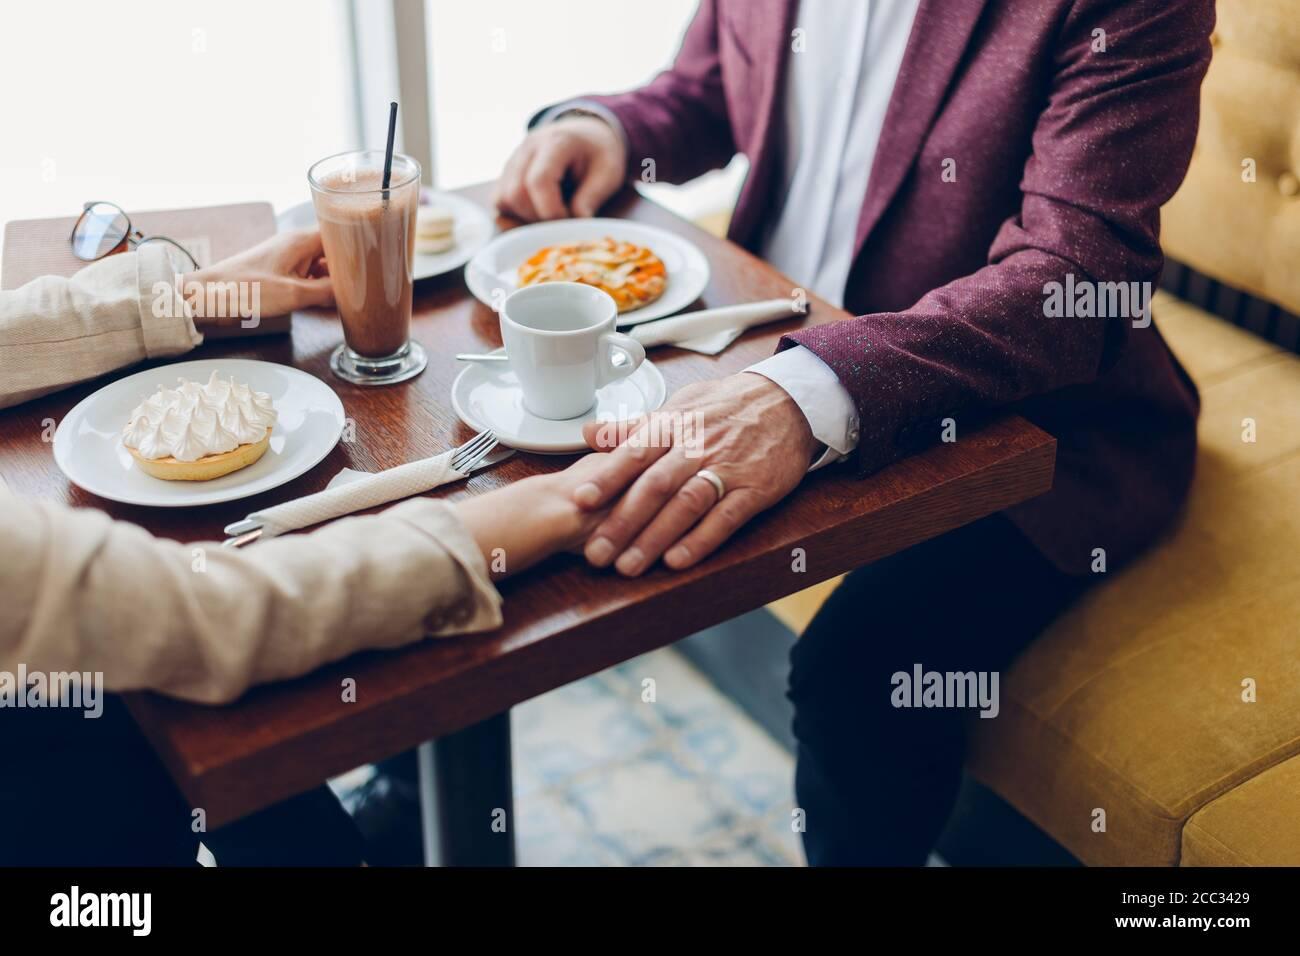 un vieil homme tenant la main de sa femme assis dans le café. un homme soutenant sa femme dans une situation difficile, couple surmontant les problèmes familiaux Banque D'Images